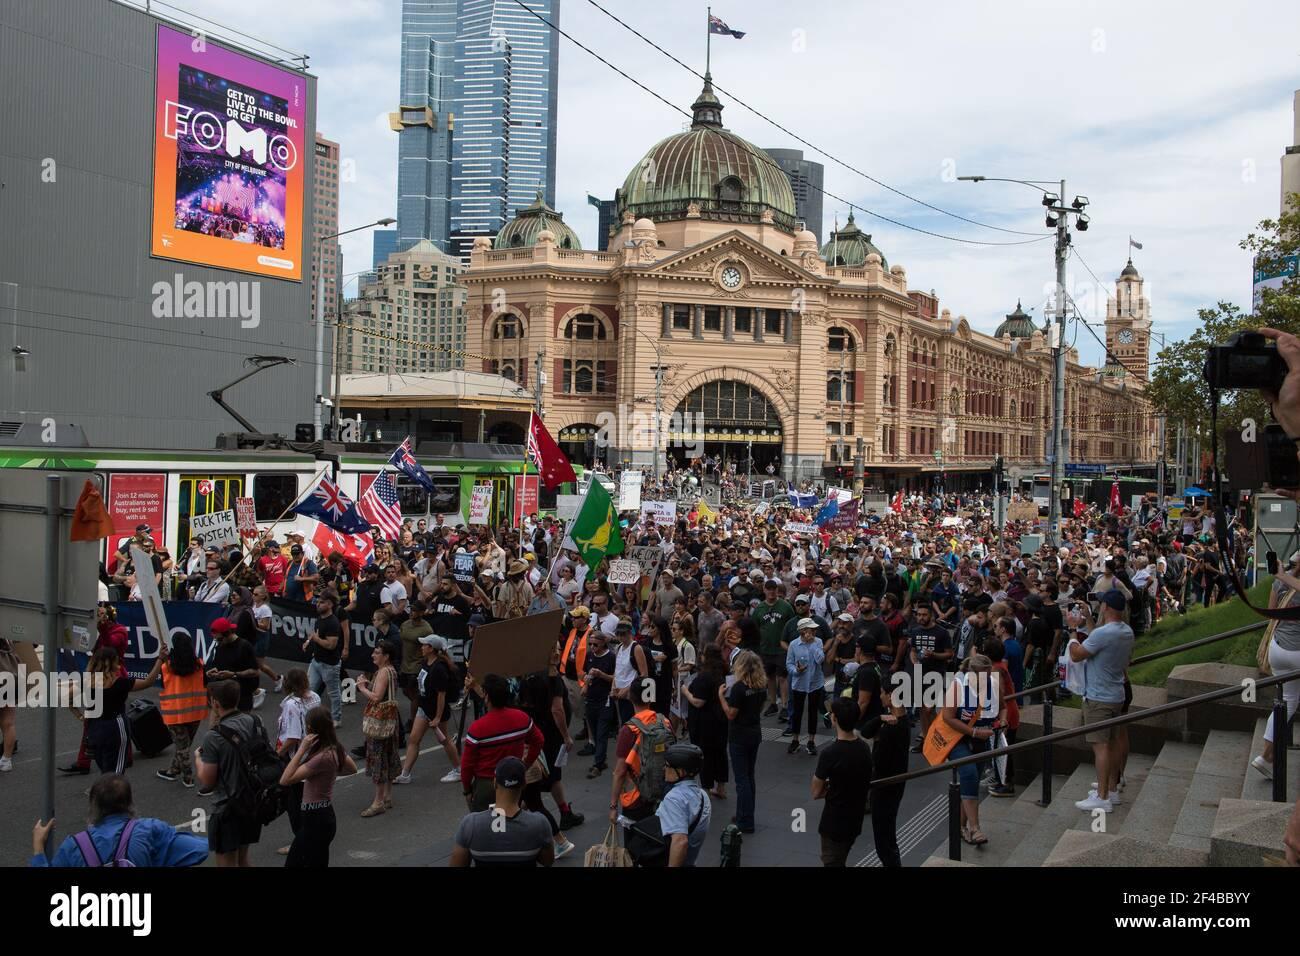 """Melbourne, Australia 20 de marzo de 2021, los manifestantes pasan por la estación de Flinders Stree mientras salen a las calles en el Freedom Rally que fue parte de una demostración del planeado """"World Wide Rally for Freedom"""" que fue organizado para llamar a la libertad de elección, el discurso y el movimiento. Crédito: Michael Currie/Alamy Live News Foto de stock"""